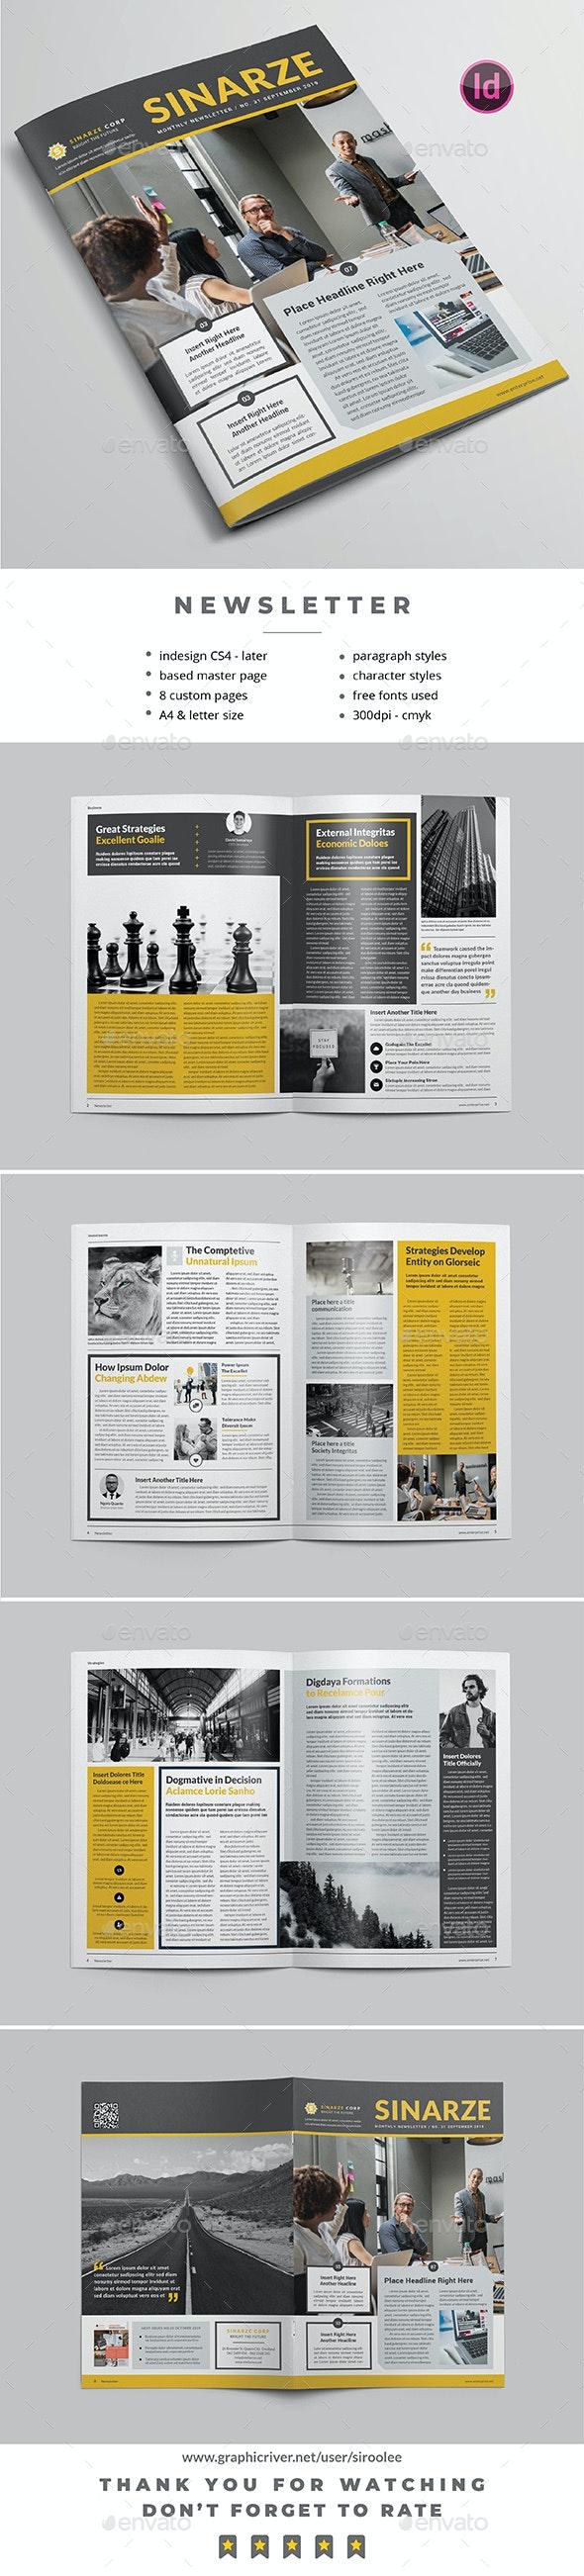 Multipurpose Newsletter v.09 - Newsletters Print Templates